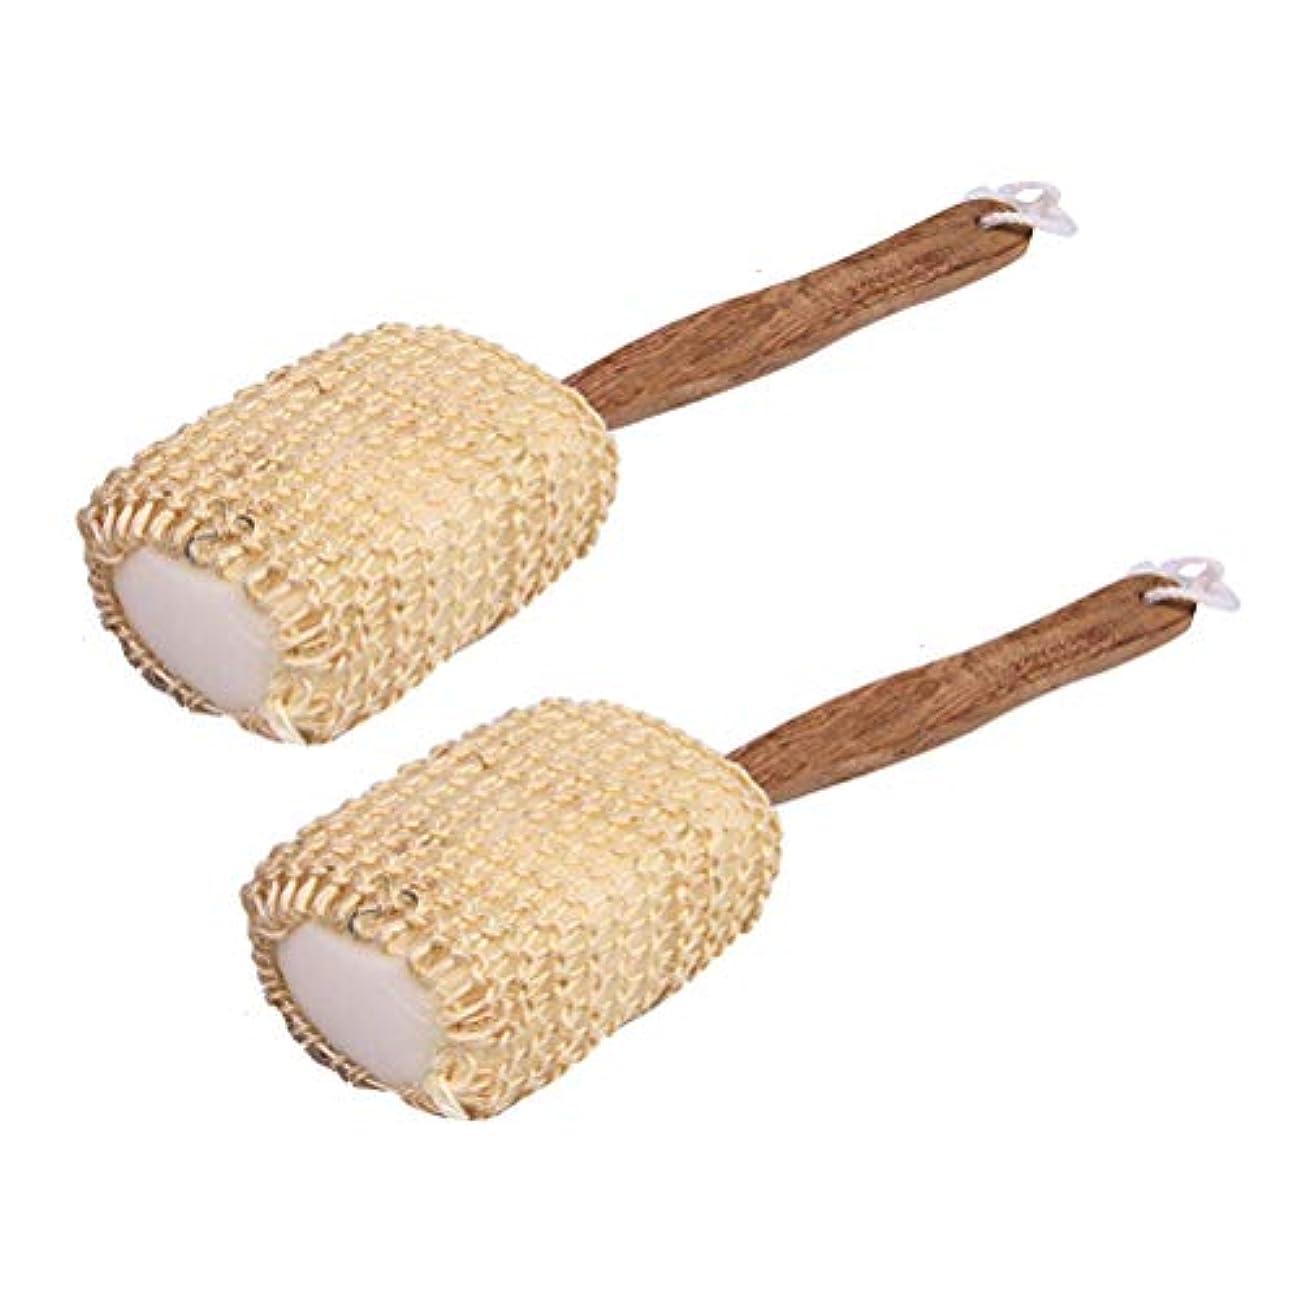 ポインタ分岐するラブTopbathy 2ピース入浴ボディブラシ付きウッドハンドル風呂loofahバックスクラバー剥離シャワーブラシ用男性女性